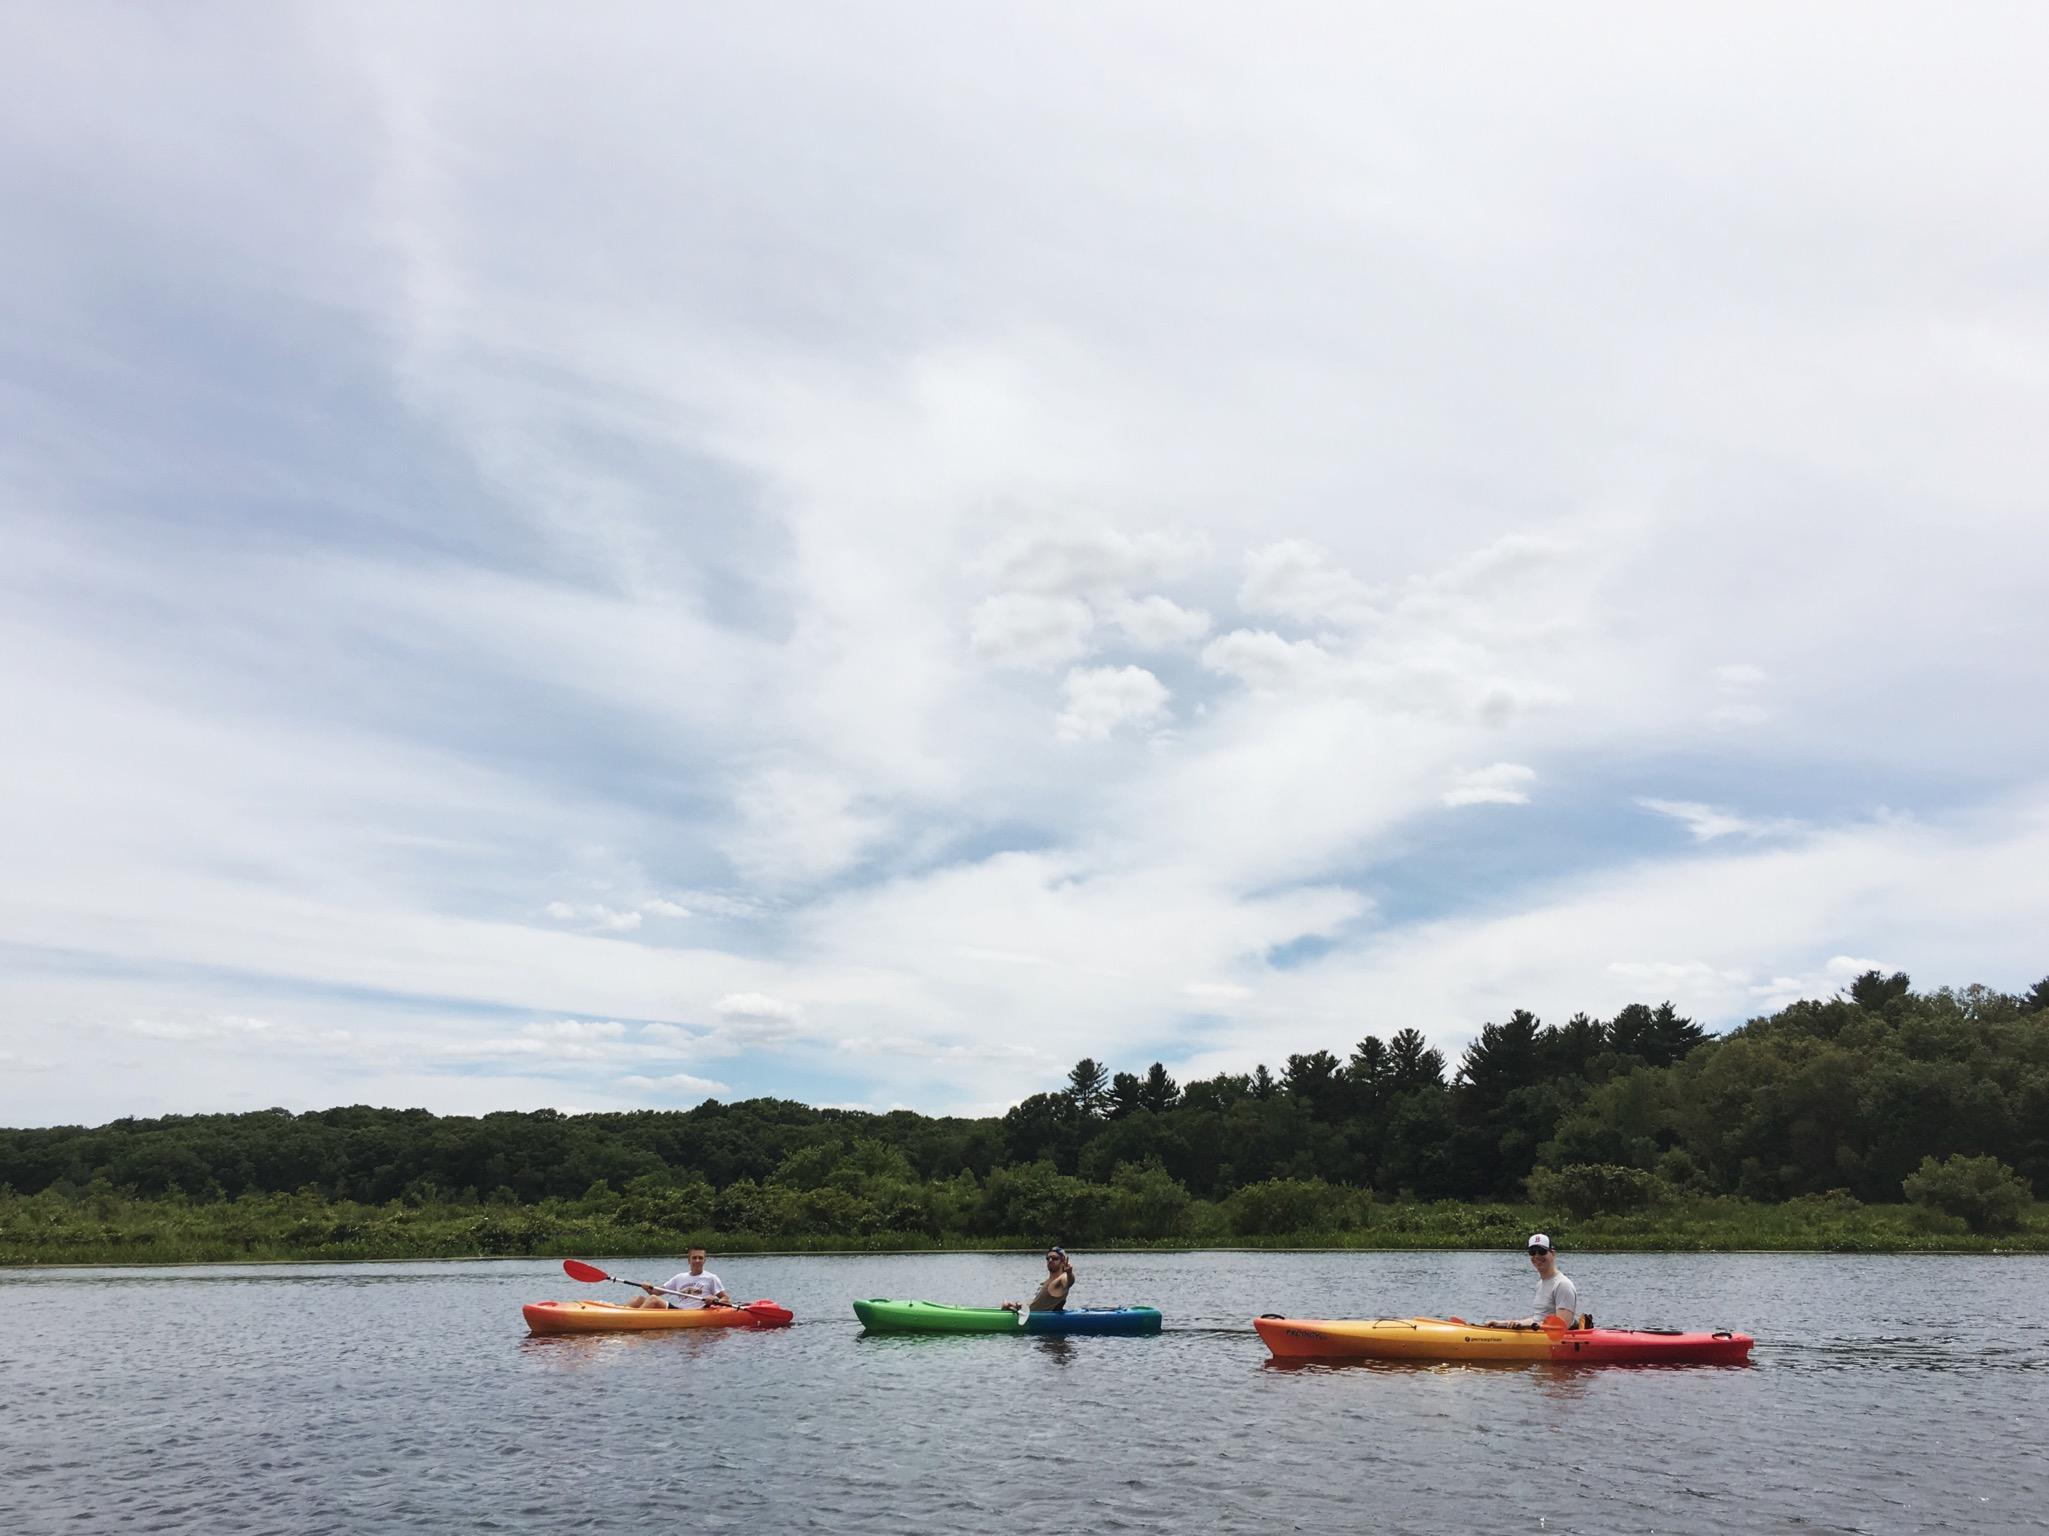 kayak july 2 2